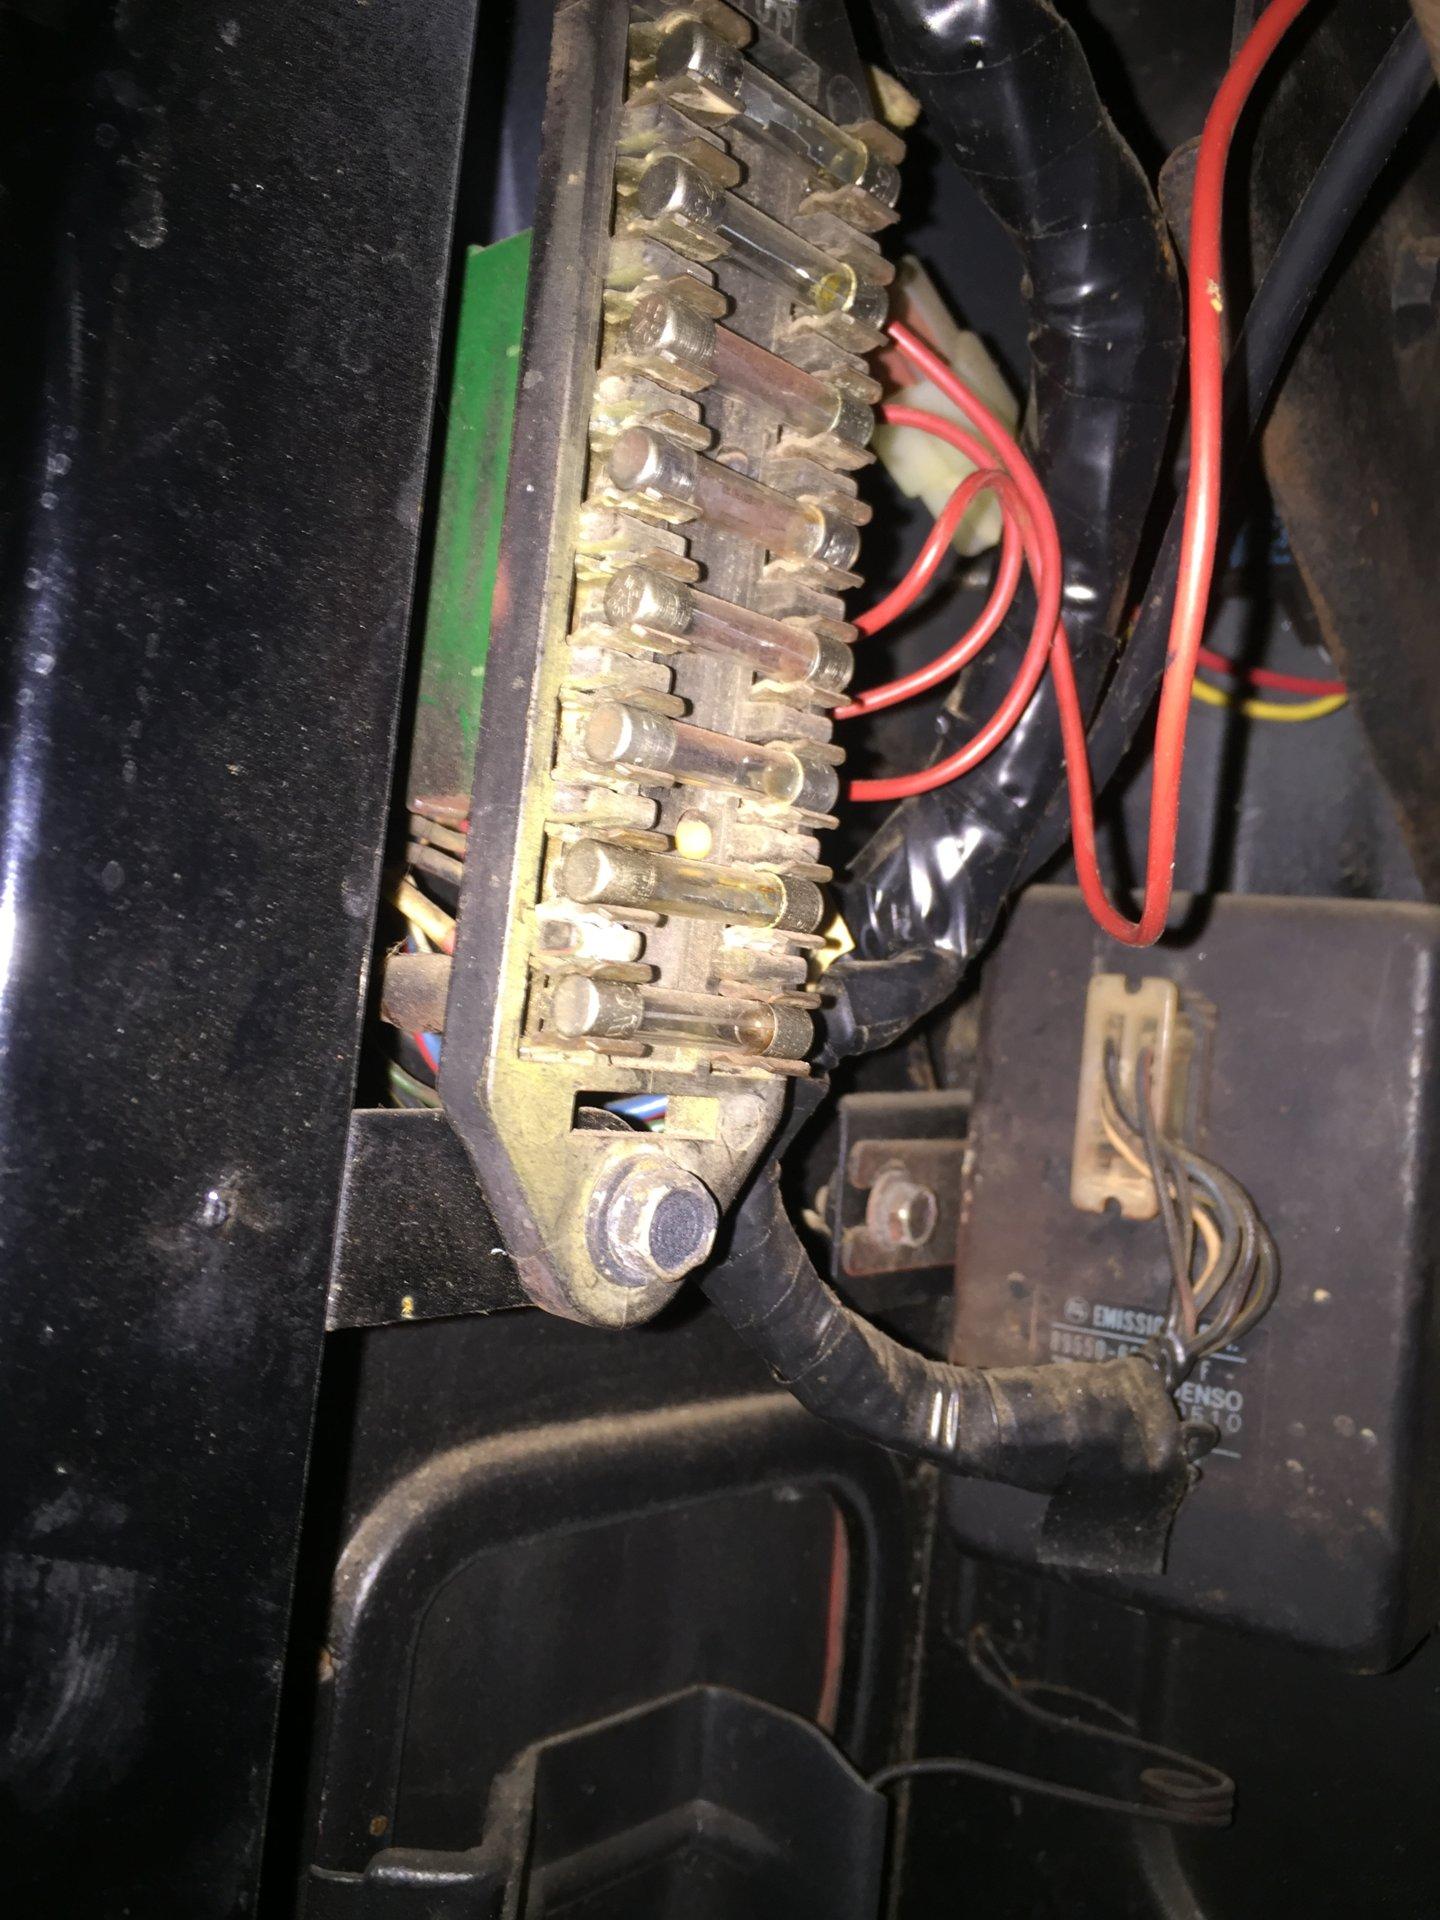 D594E430-53D3-4A38-A1F0-30DA1D7DC105.jpeg